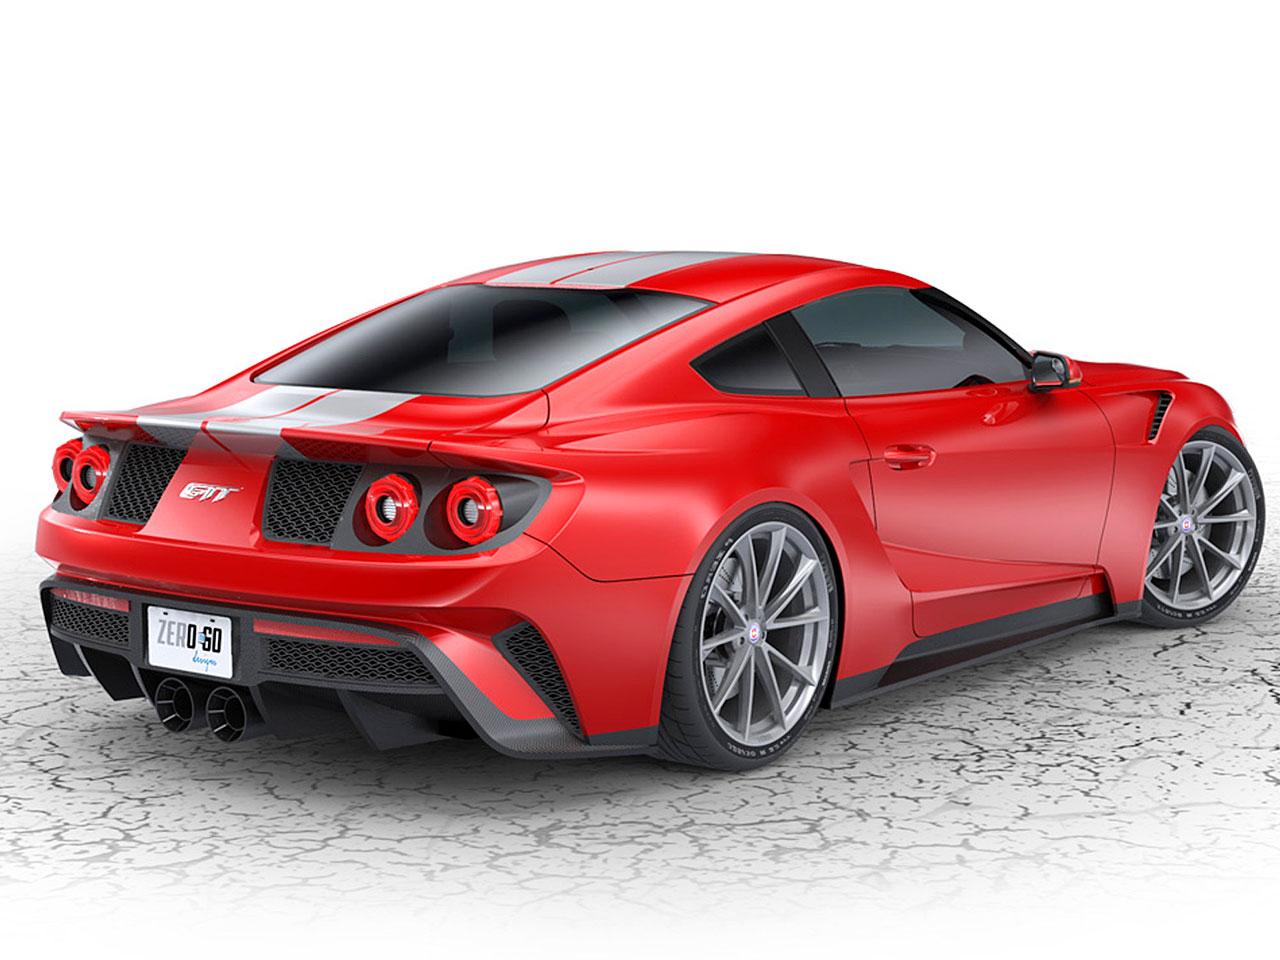 Ford mustang gtt tuning von zero to 60 designs autozeitung de